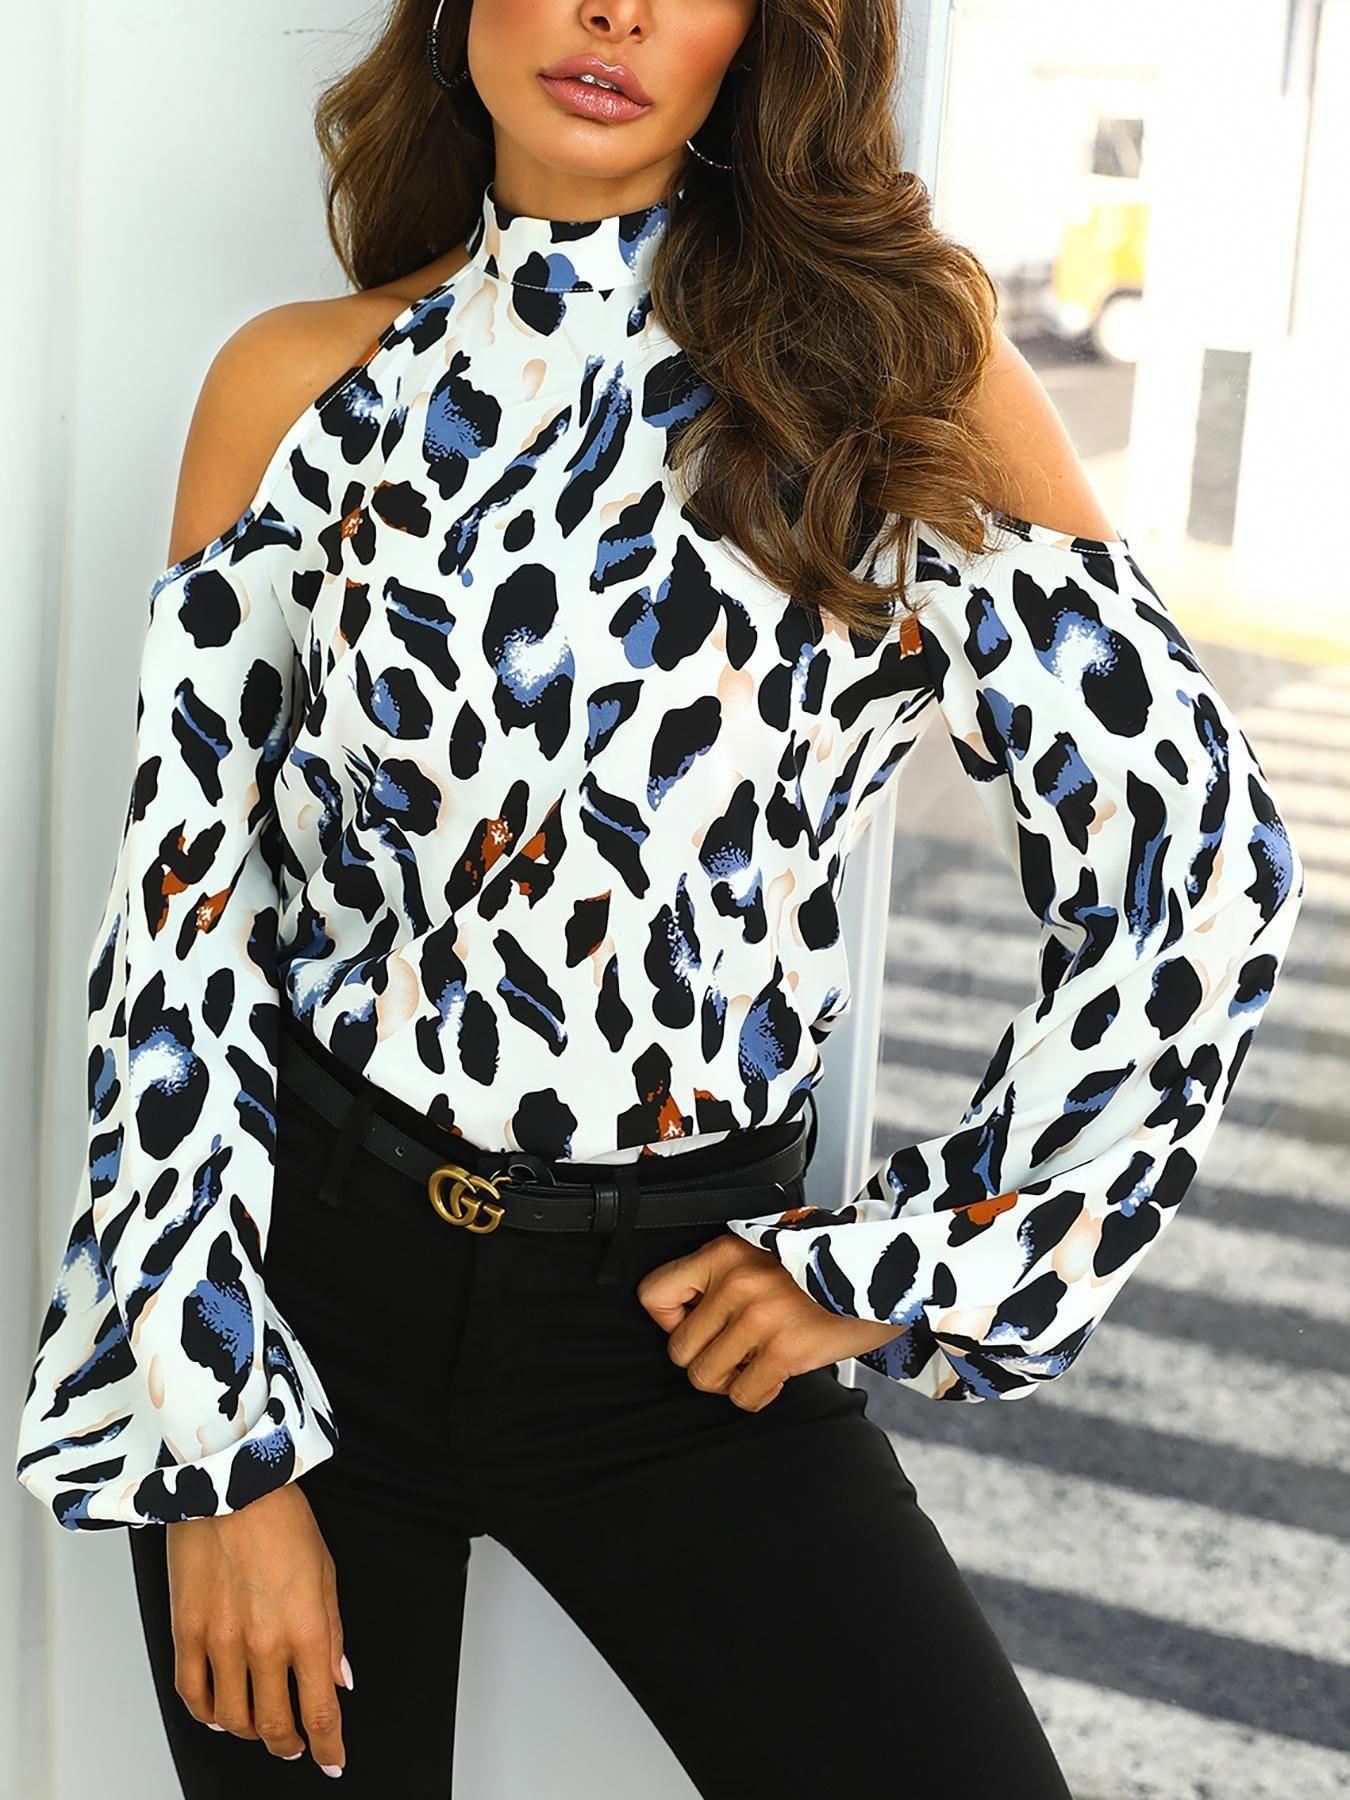 e2b69a64f6d25e Cold Shoulder Leopard Print Blouse,Cold Shoulder Leopard Print Top    Boohoo,Images for